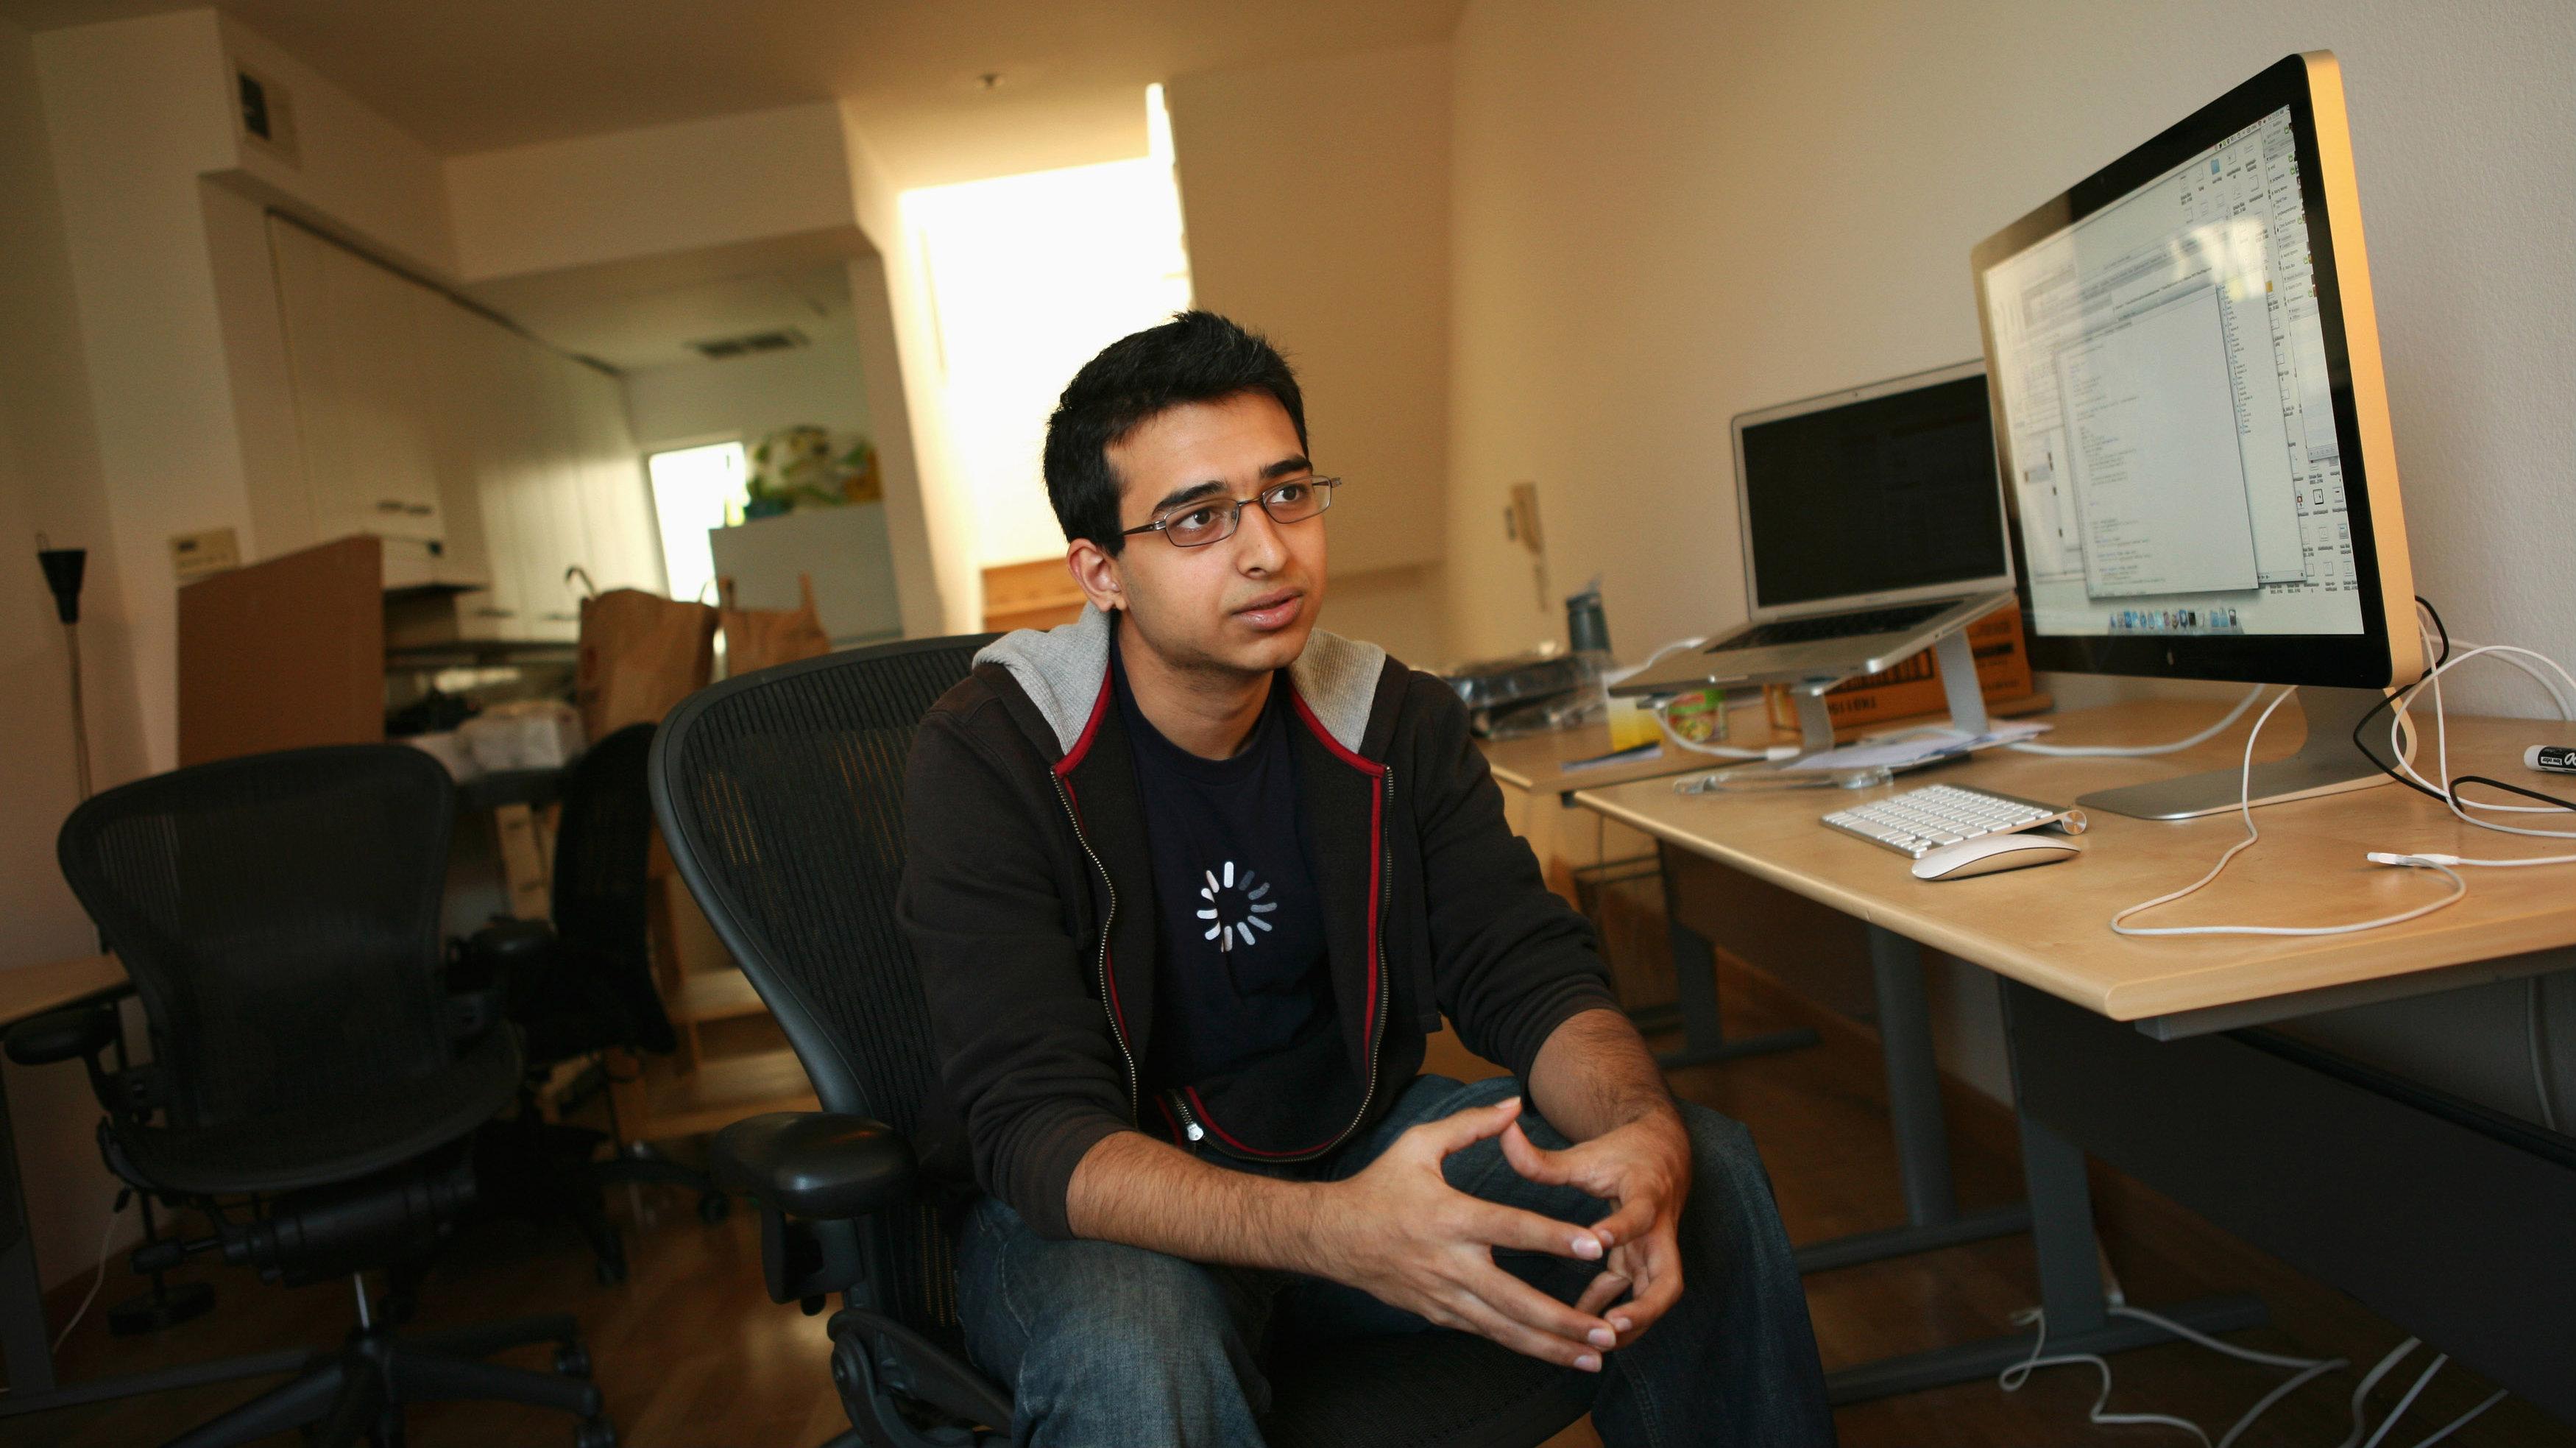 Sahil Lavingia CEO of Gumroad